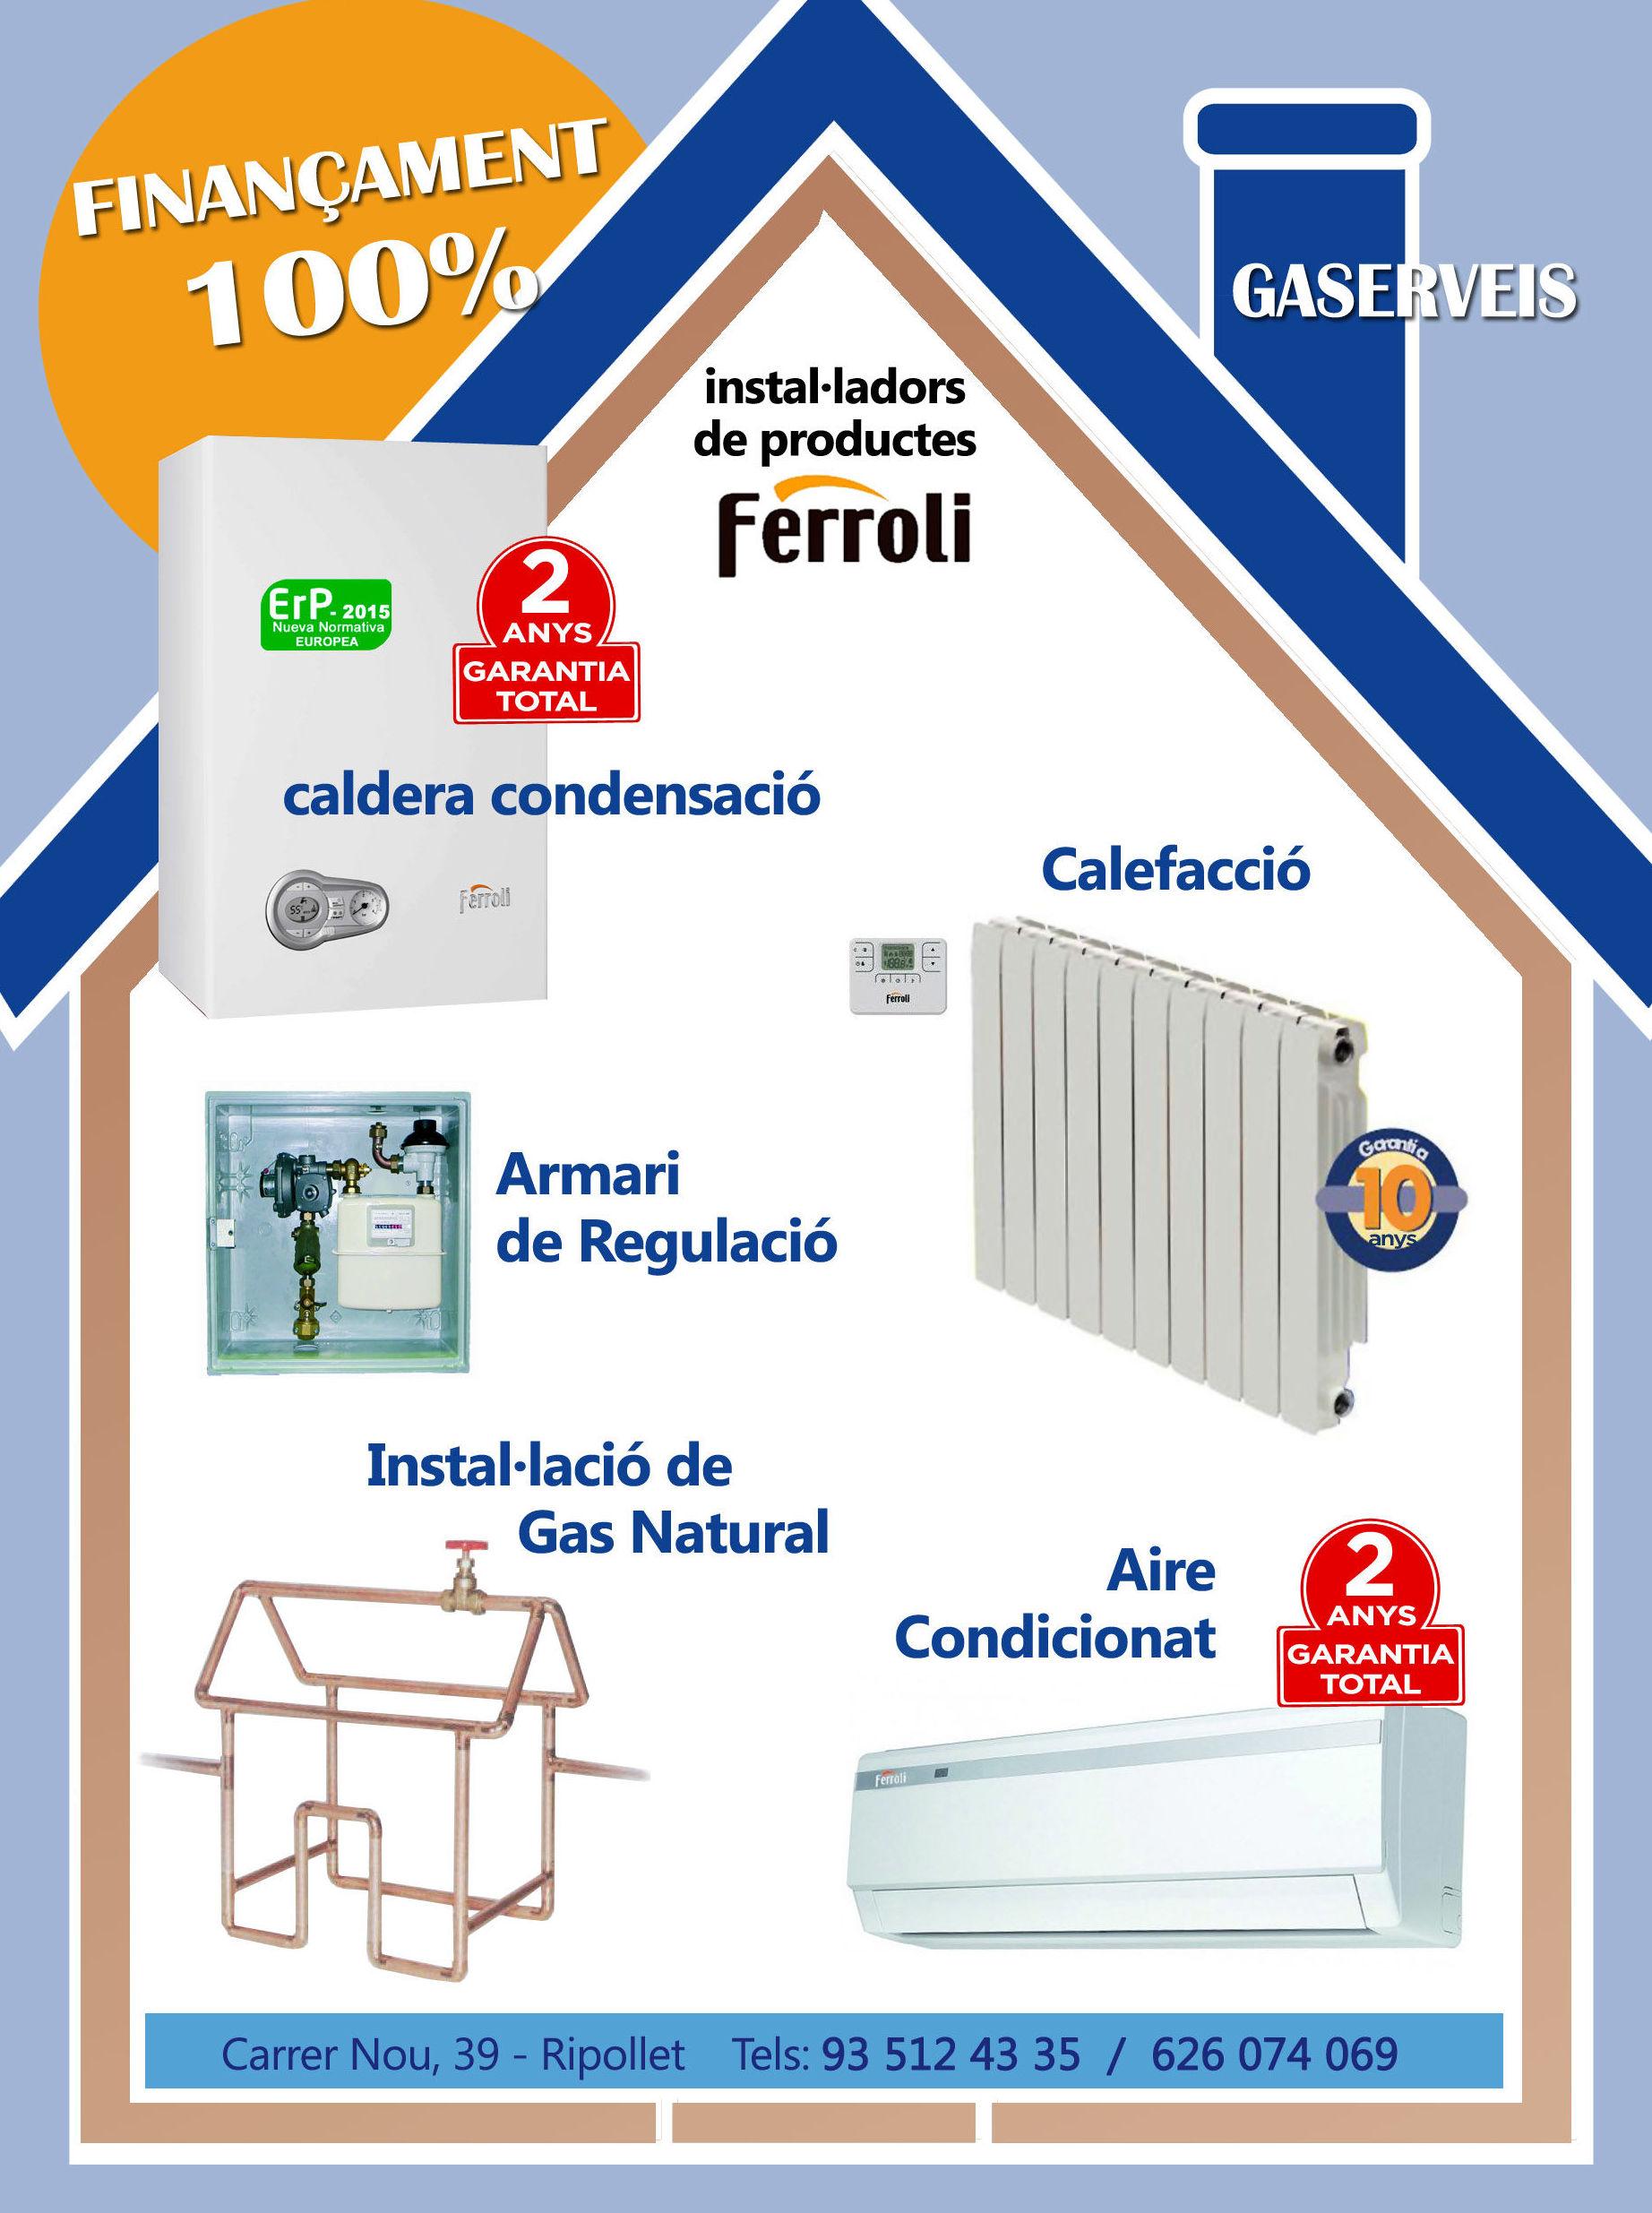 Gas Natural: Servicios de Gaserveis